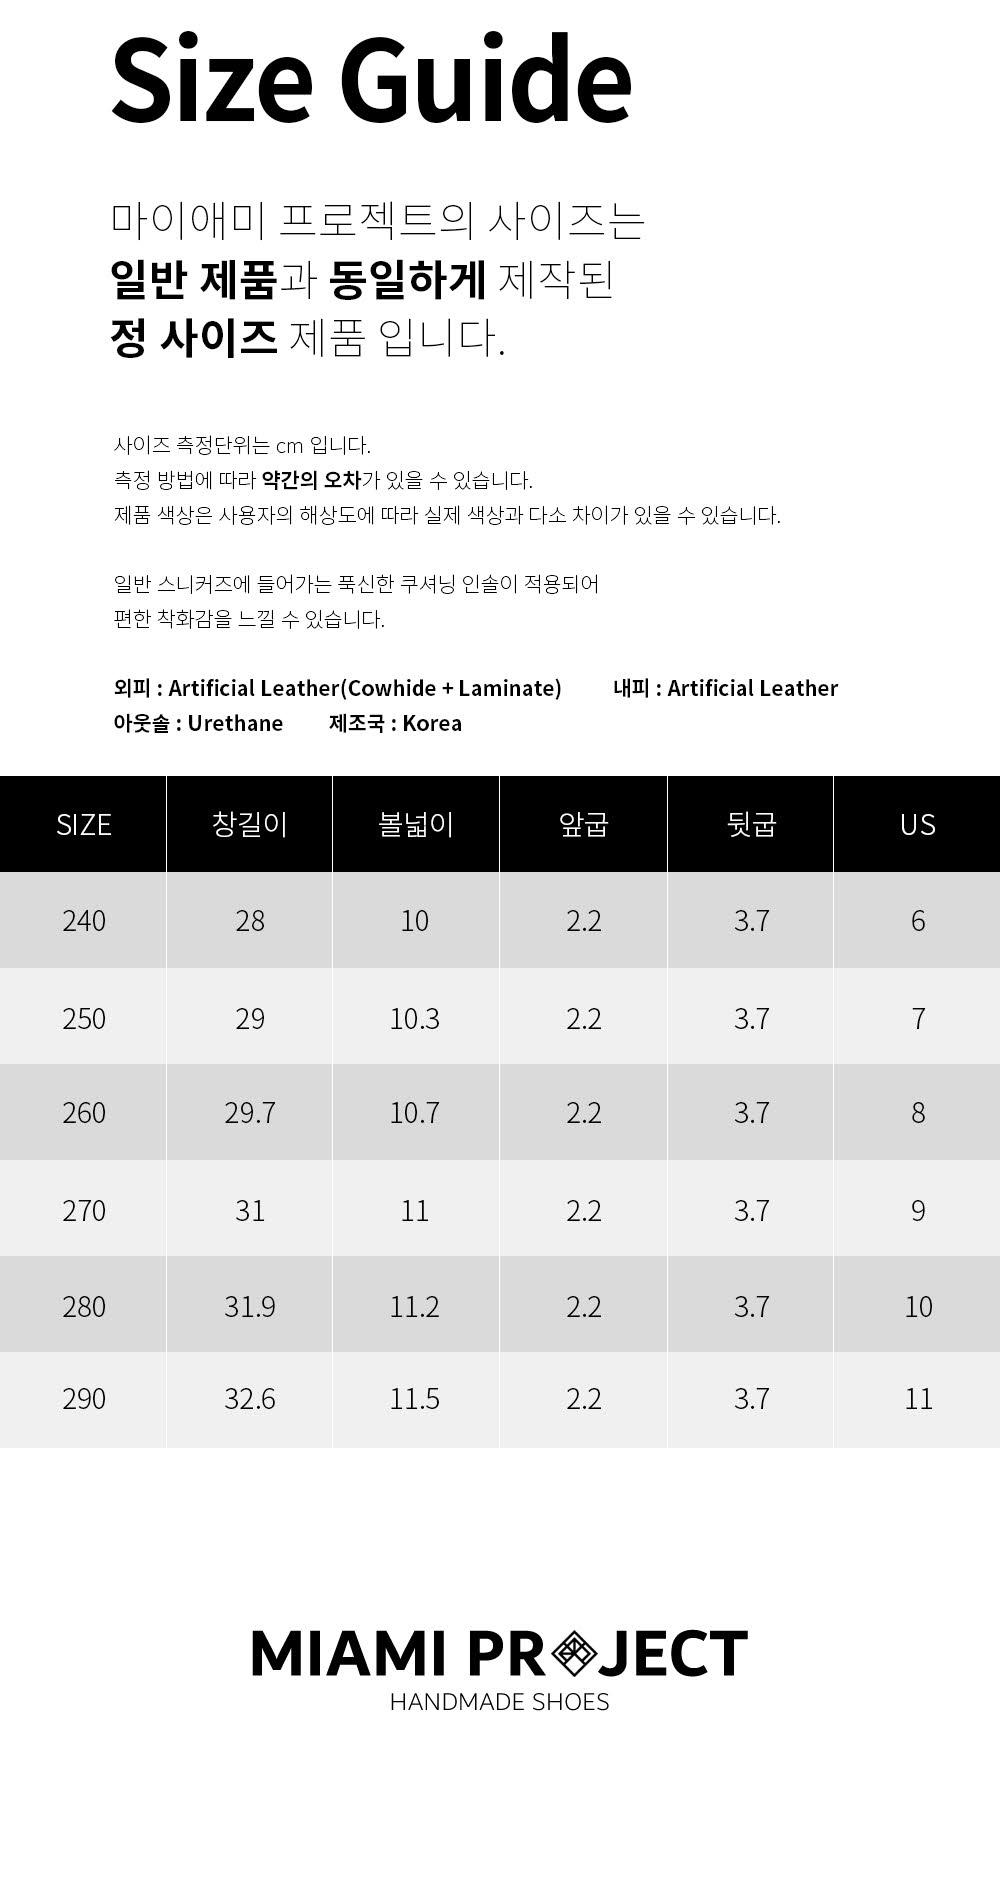 [마이애미프로젝트] 0391 비즈카야 천연소가죽 5홀 더비 구두 밴타블랙